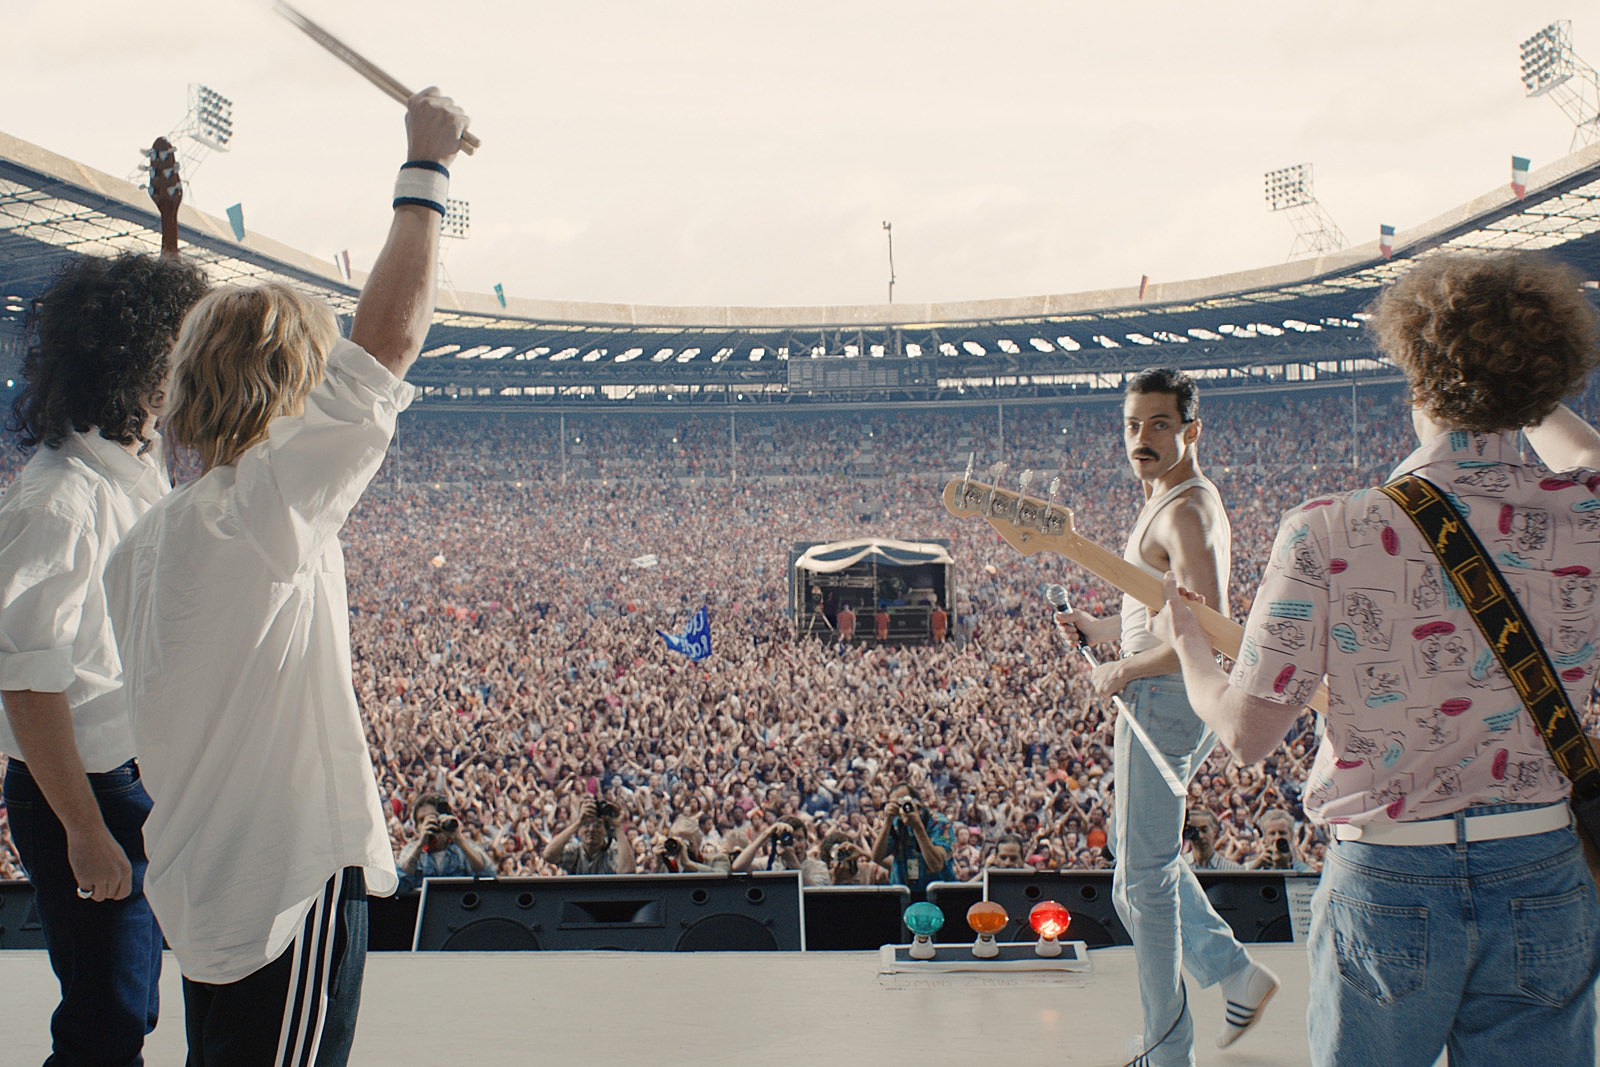 Bohemian Rhapsody: Tái hiện cảm động cuộc đời cống hiến của một tượng đài âm nhạc - Ảnh 7.